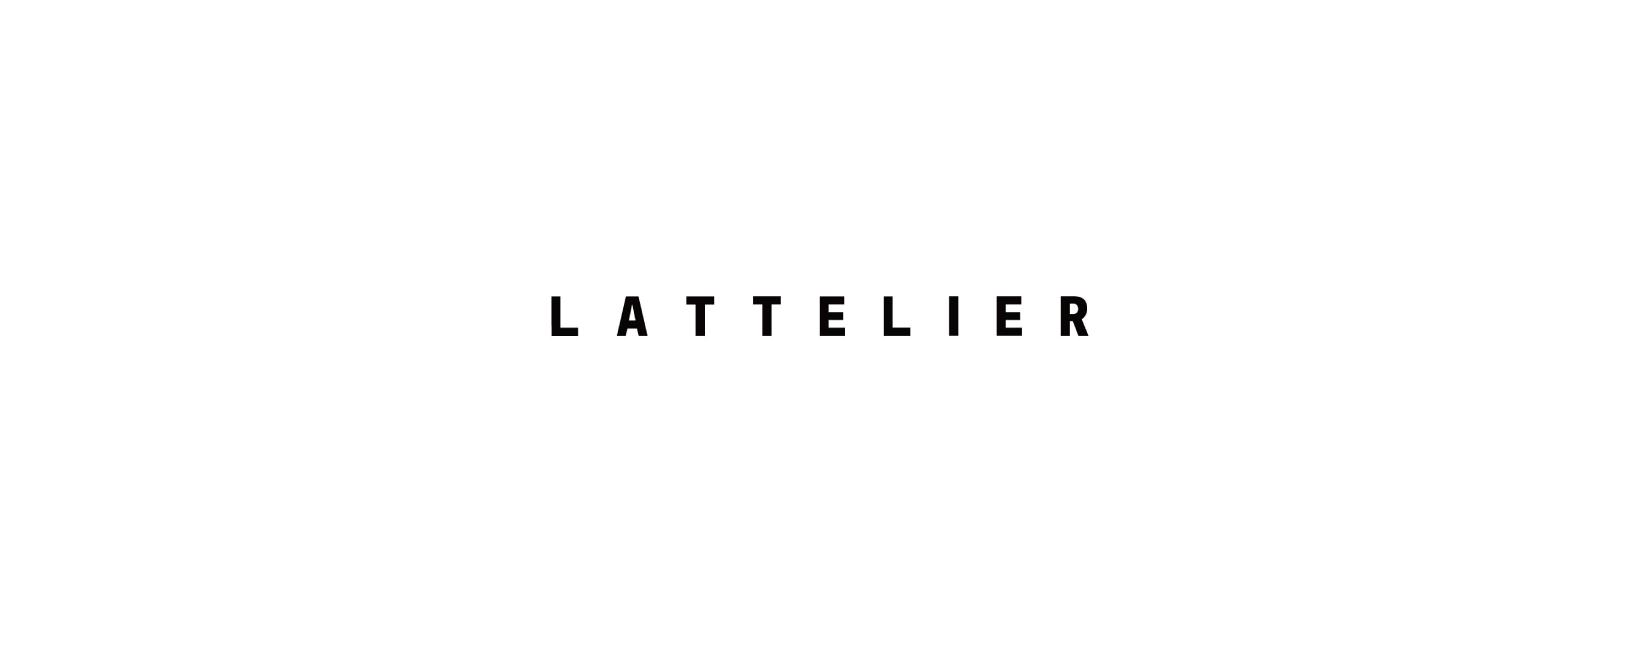 Lattelierstore Discount Code 2021